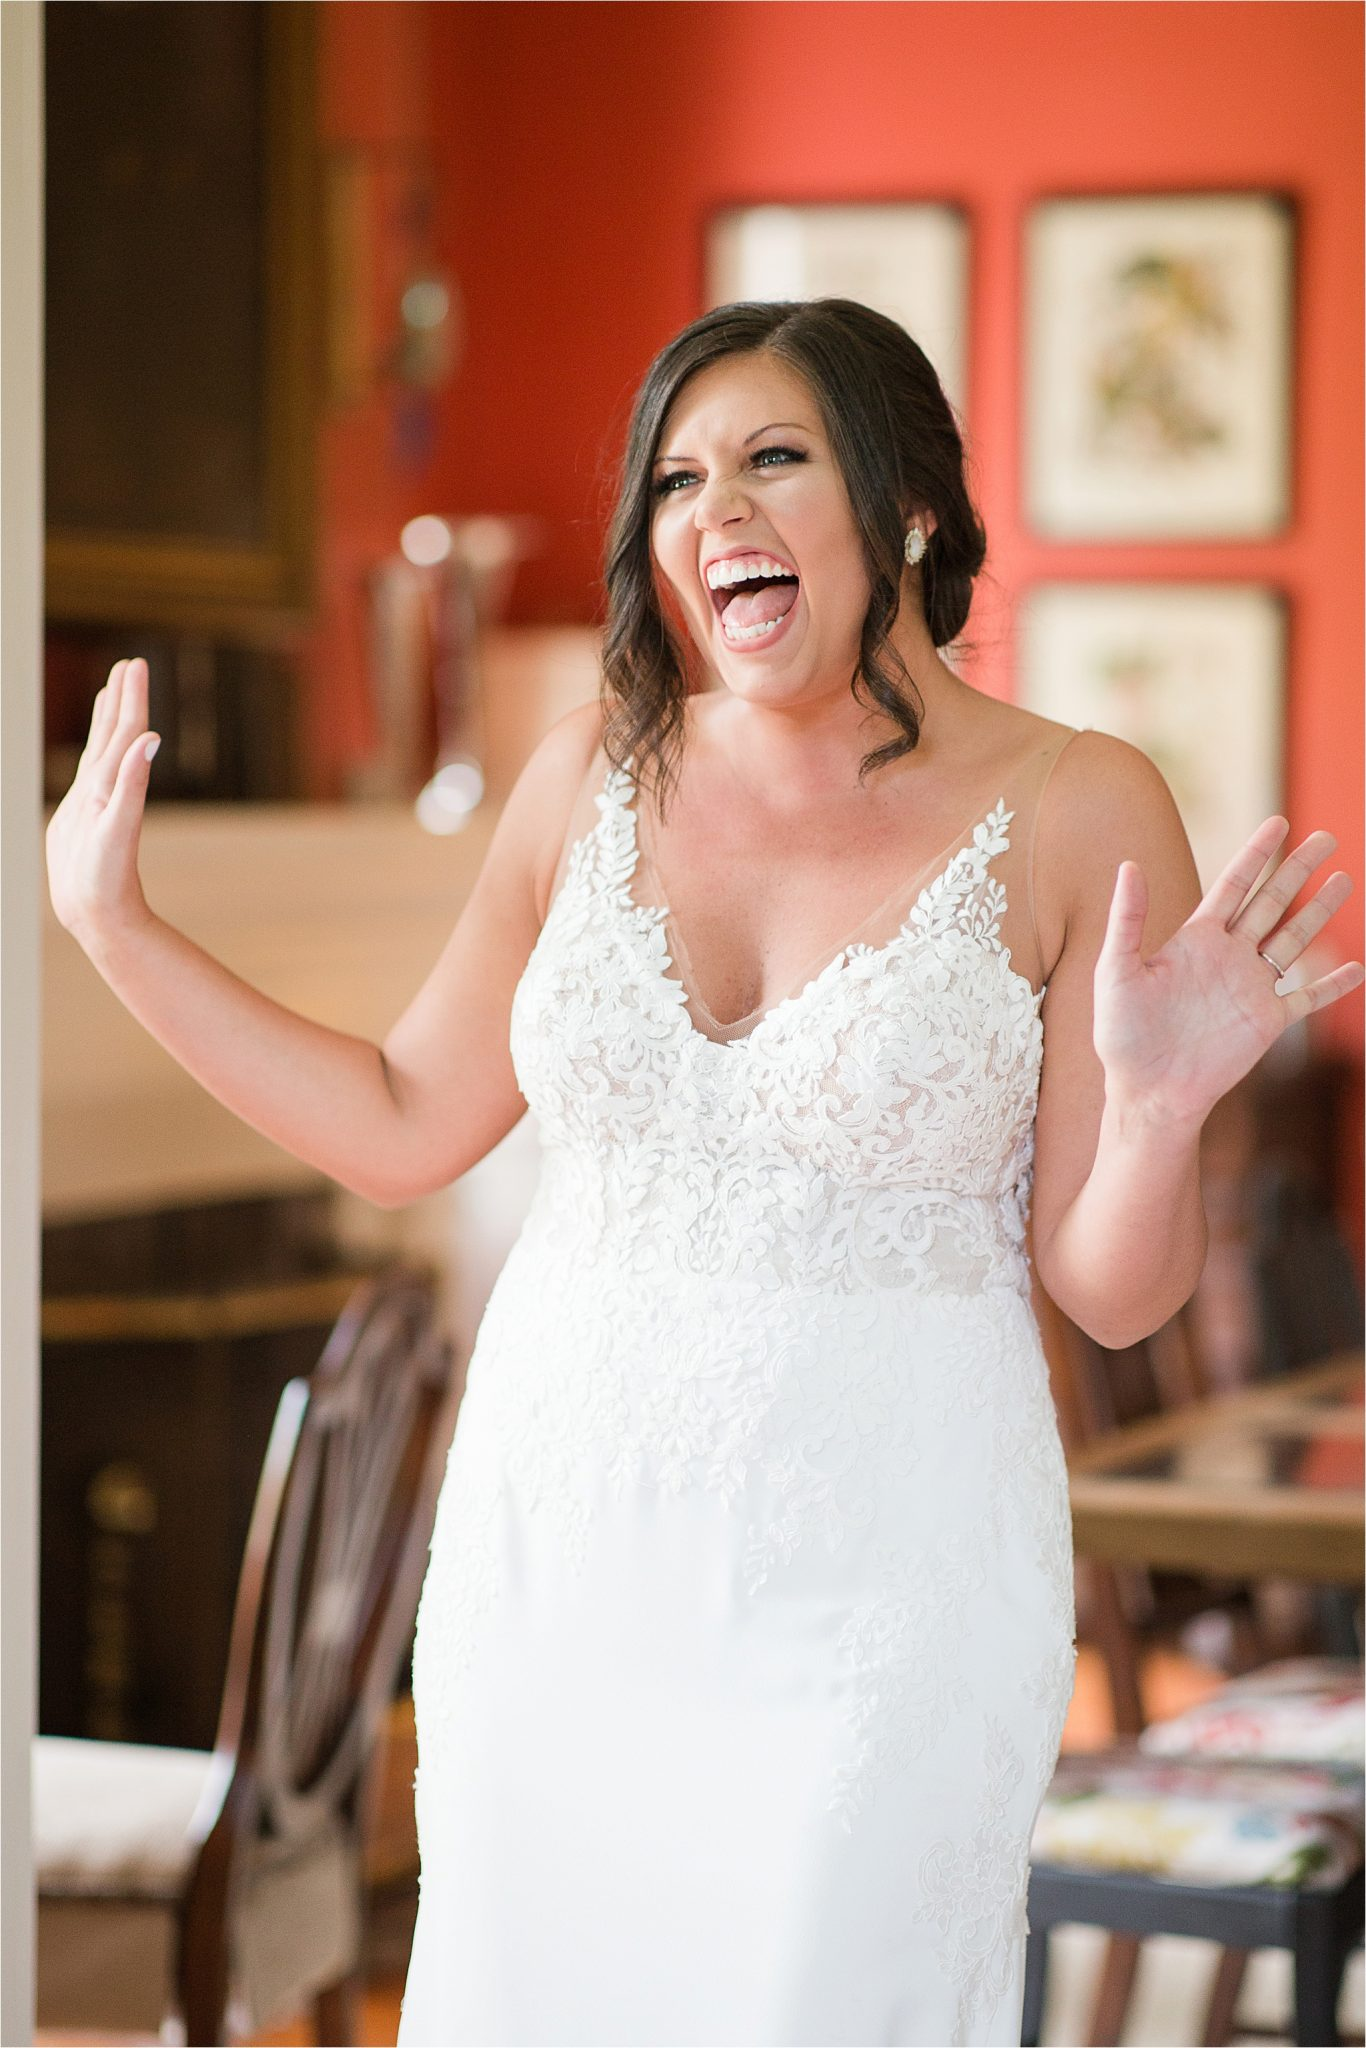 Hedge Farm Wedding , Alabama Wedding Photographer, Barn Wedding, Wedding Dress, Bridal Party